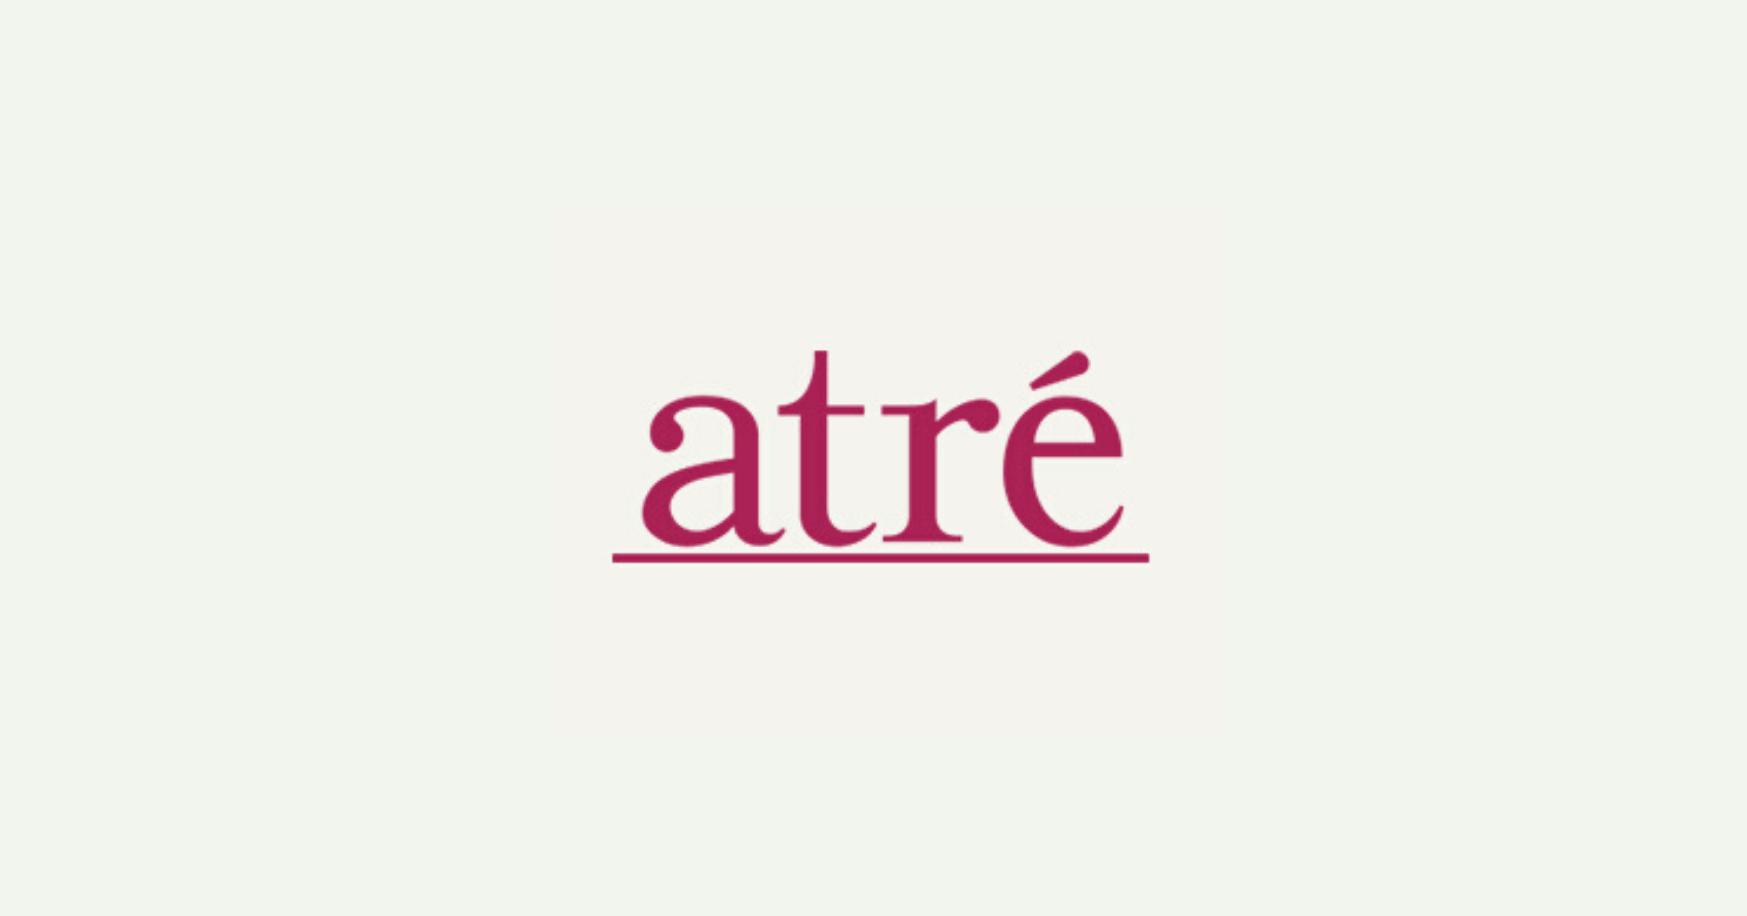 アトレのロゴ